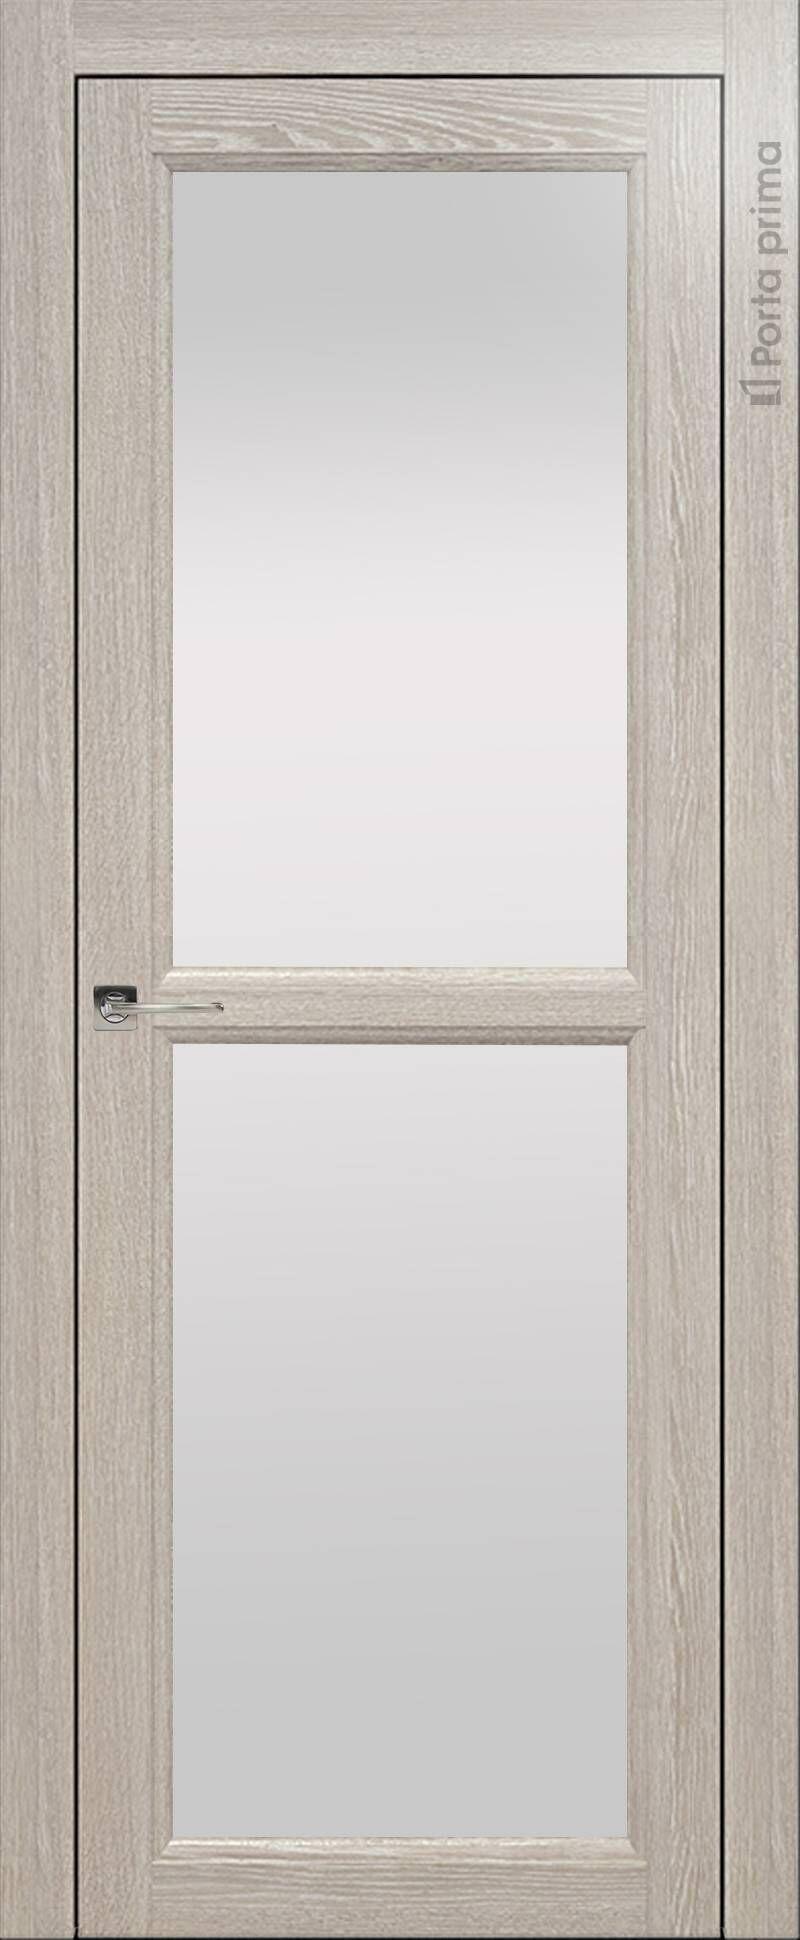 Sorrento-R В1 цвет - Серый дуб Со стеклом (ДО)